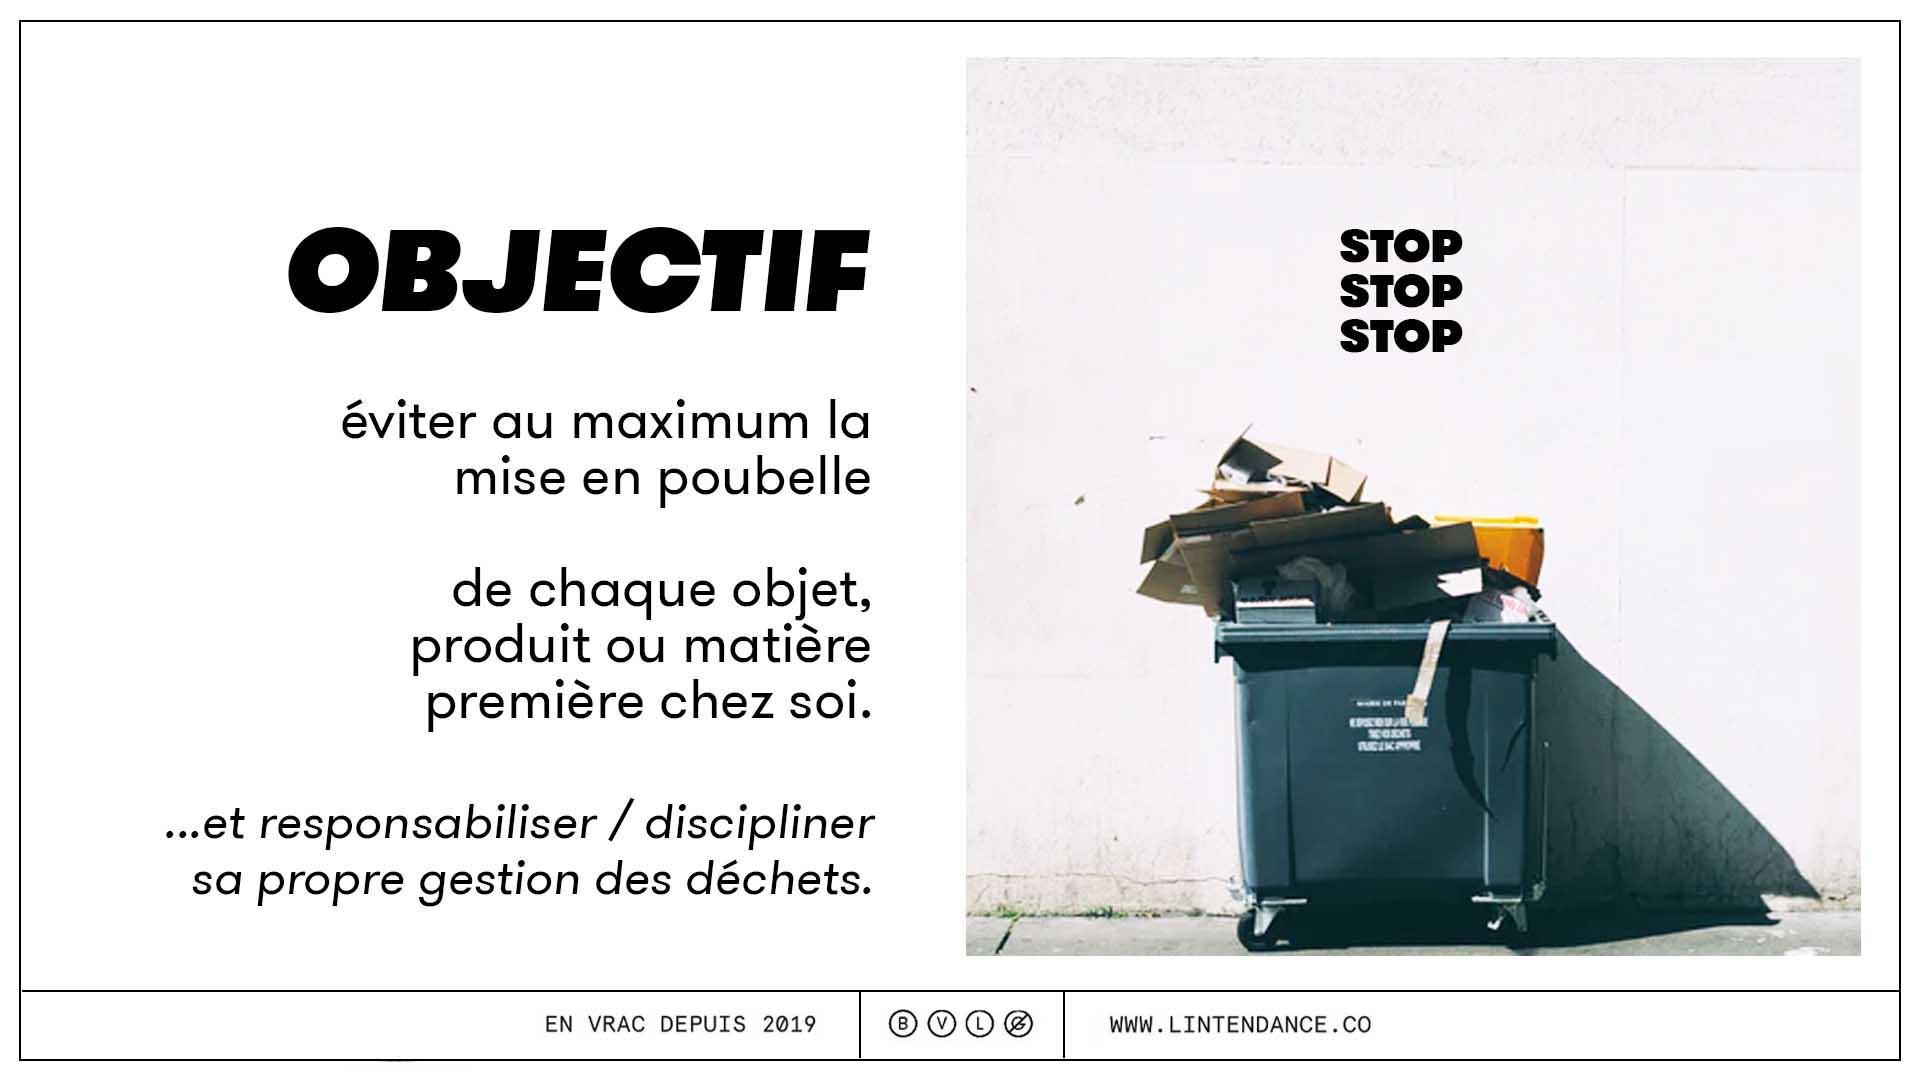 Zéro déchet réemploi réutiliser réparer environnement poubelle déchet